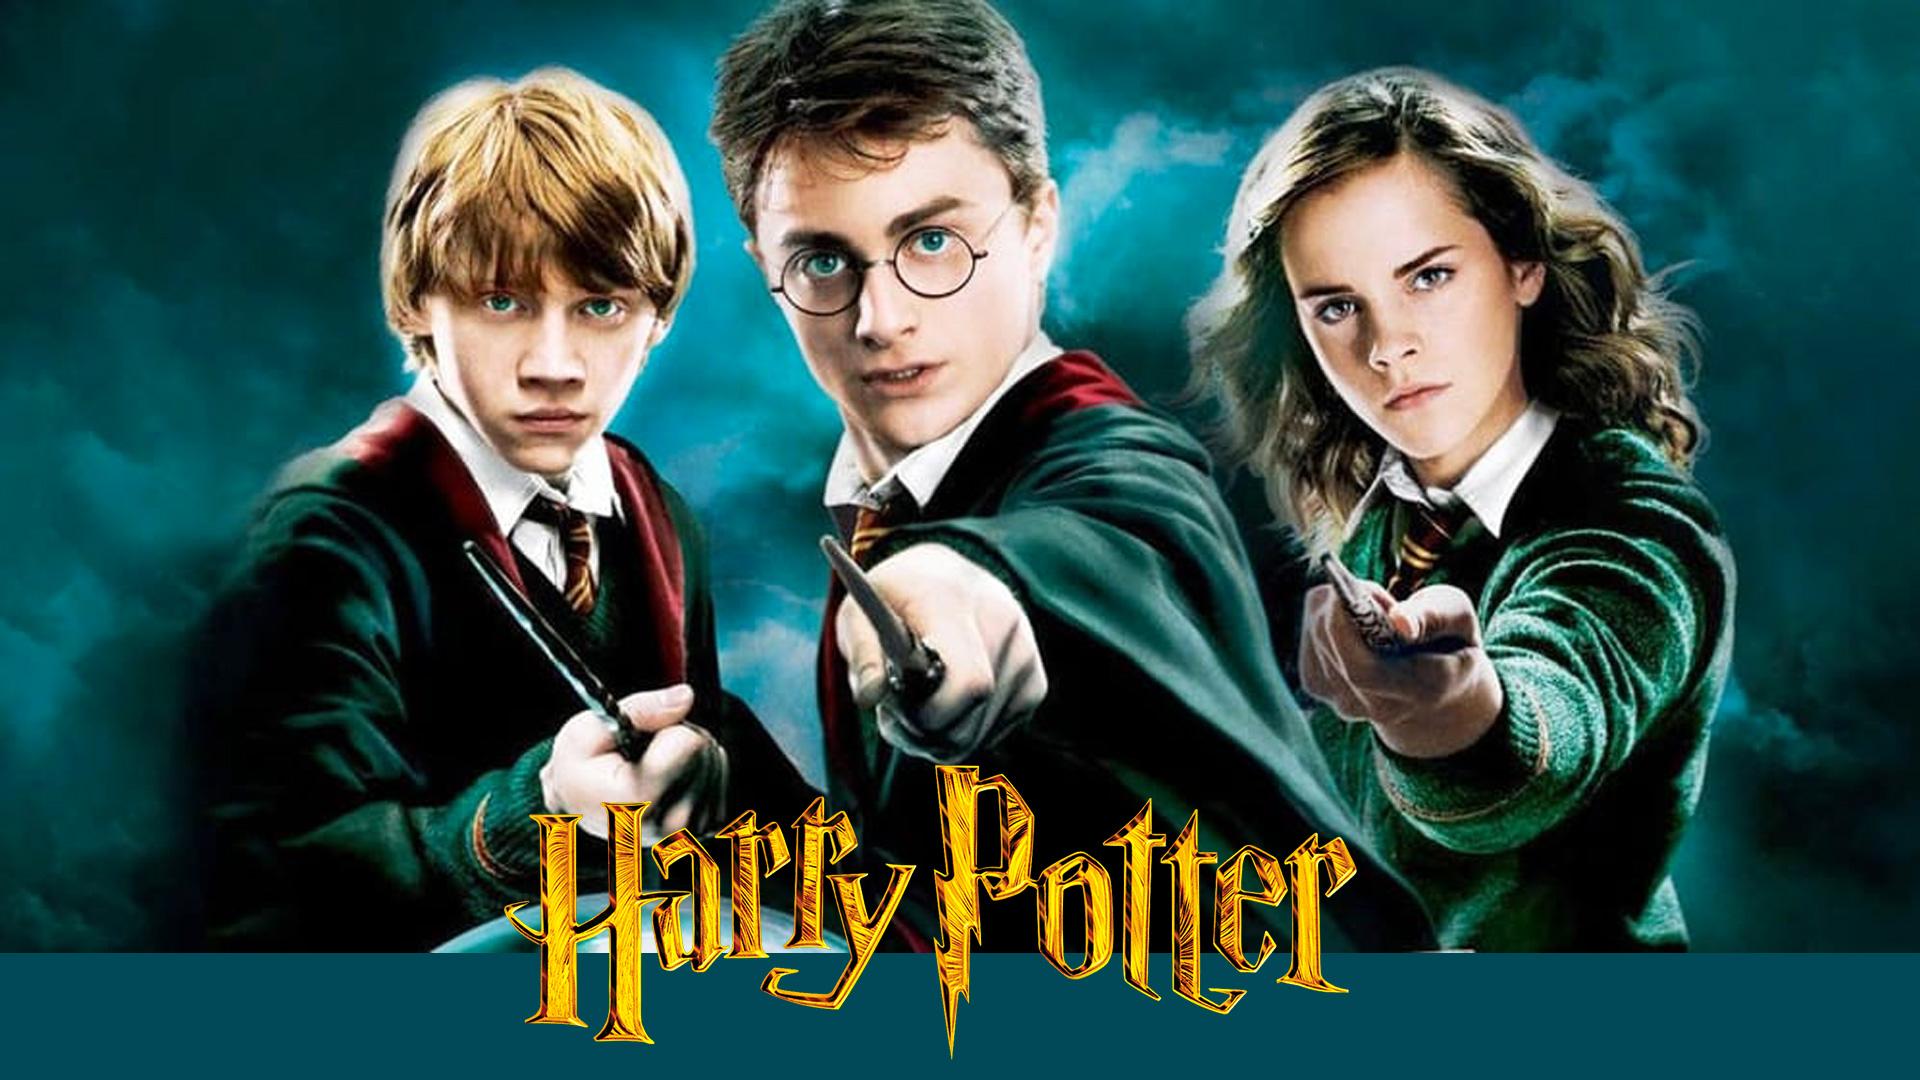 Harry ùpotter, ci sarà una serie tv?